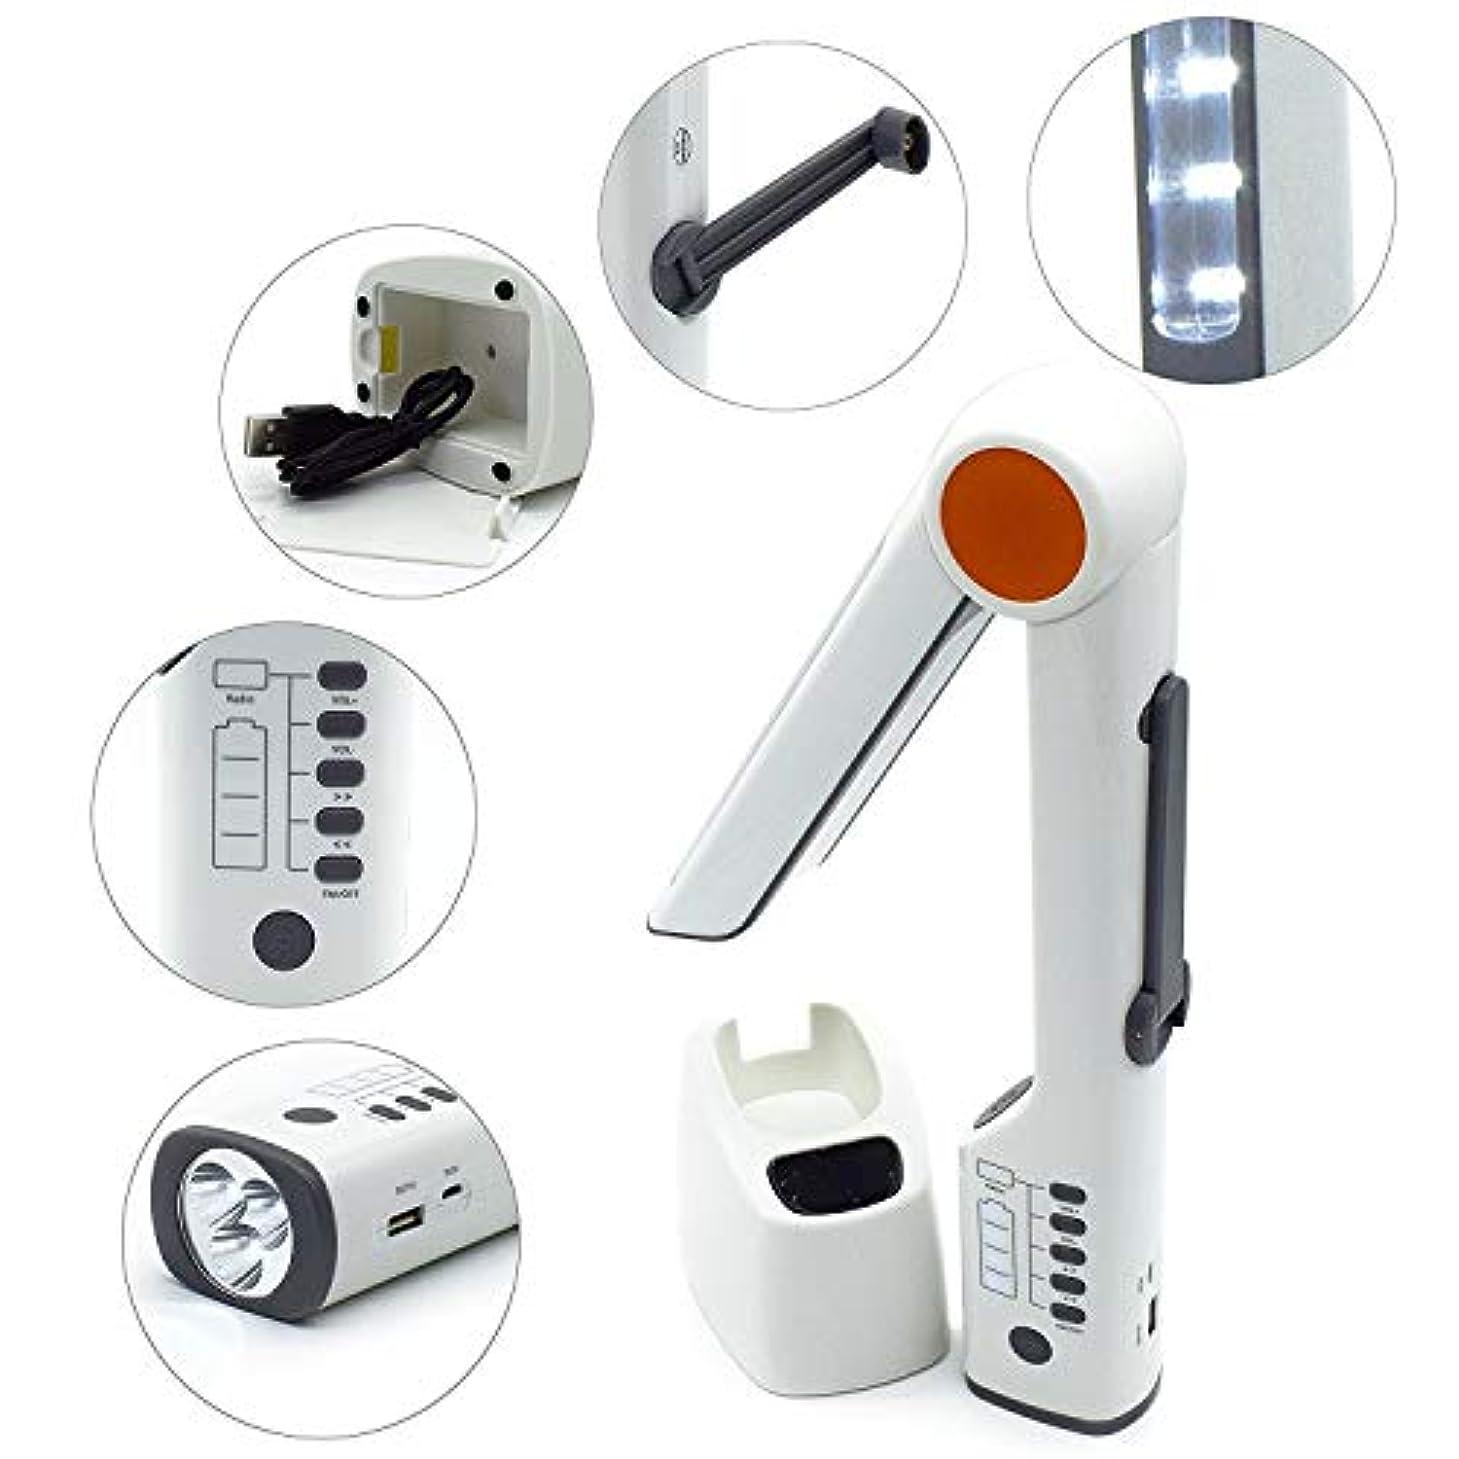 呼び出すヤング慣性INSKO マルチ機能ライト キャンピング ソーラーライト 非常用ライト デスクライト/手回し発電/懐中電灯 緊急時サイレン機能 携帯オート充電可能 防災 キャンプ アウトドア [並行輸入品]